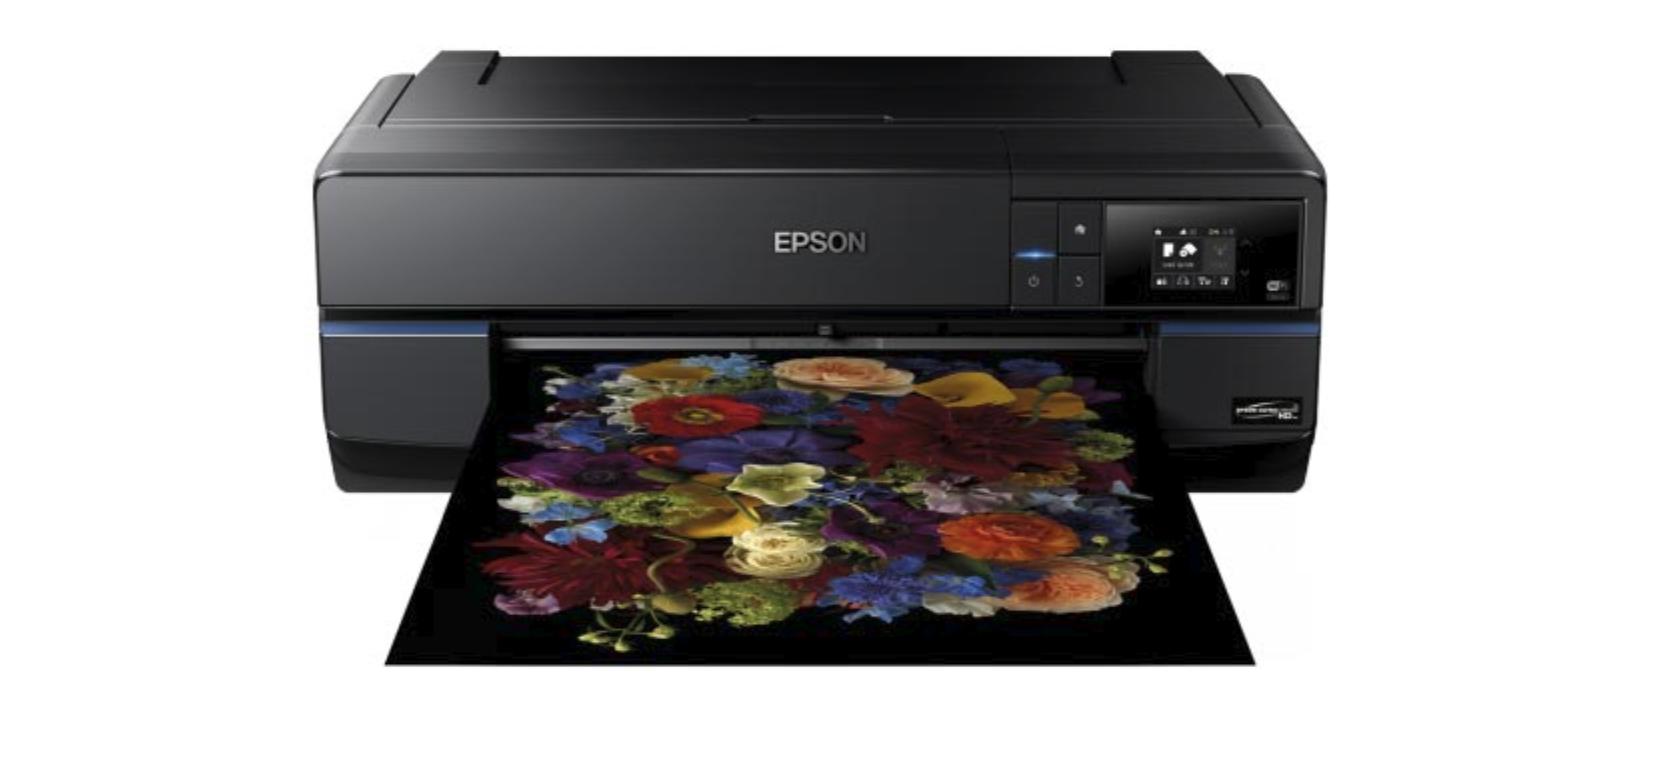 drukarka do zdjec drukarka fotograficzna Epson SureColor SC-P800